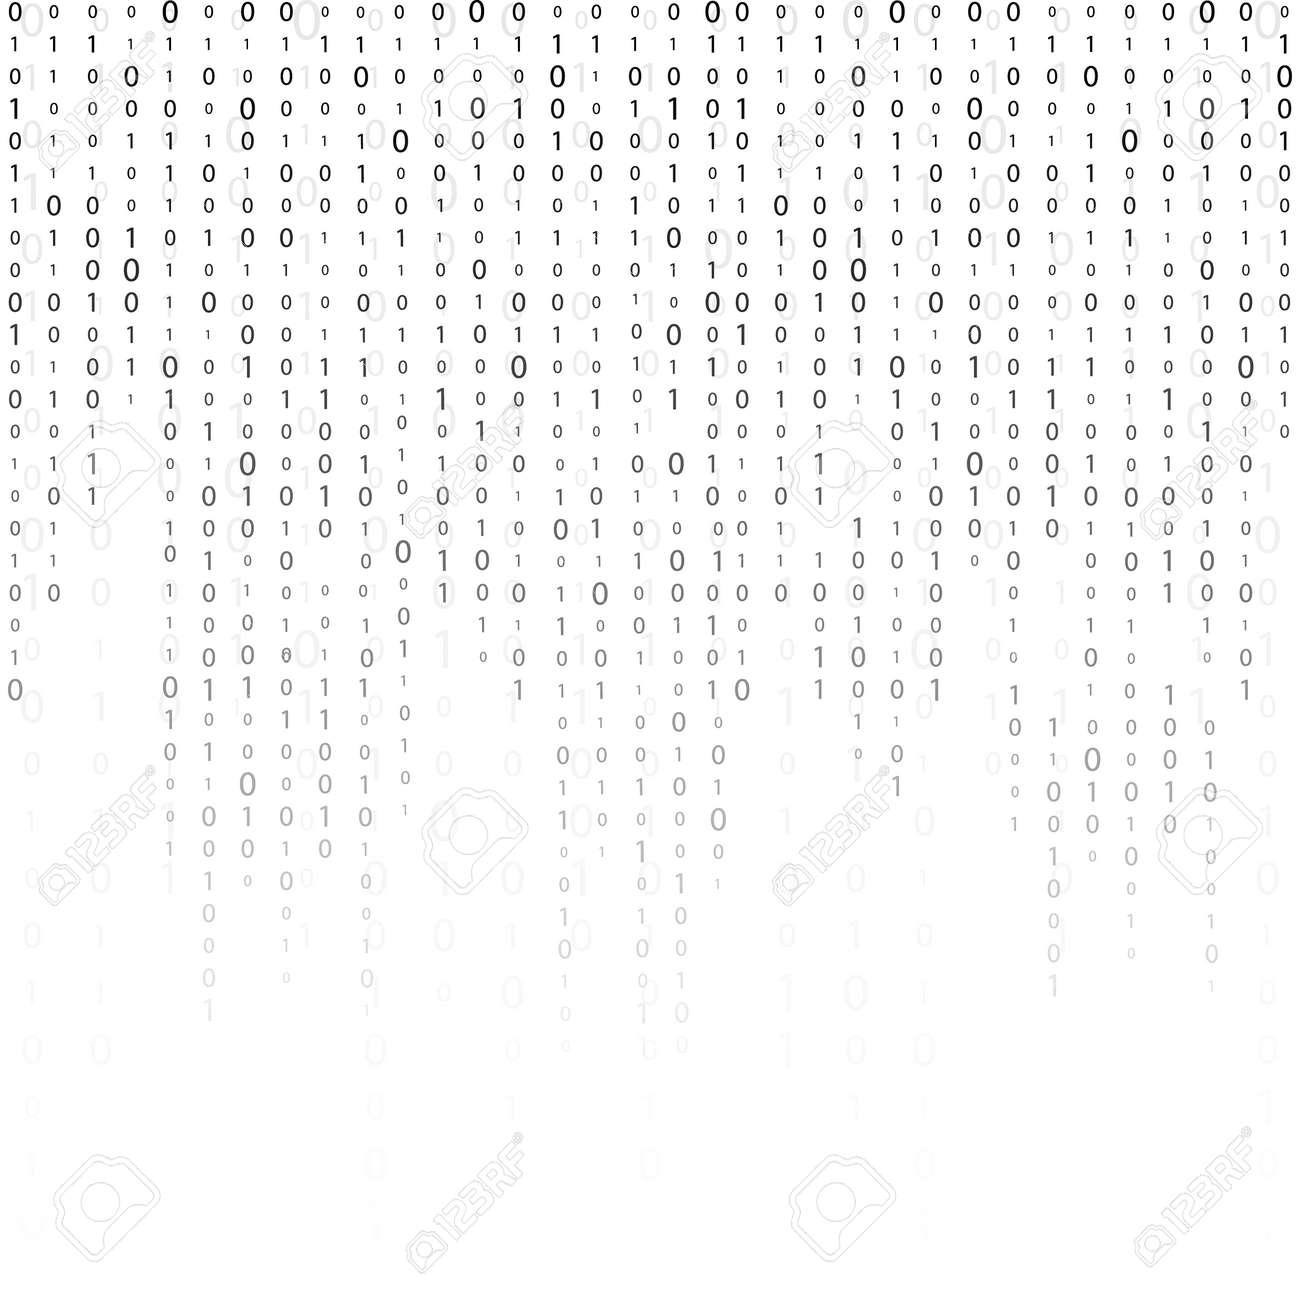 バイナリ コード ゼロ 1 つマトリックス白背景です バナー パターン